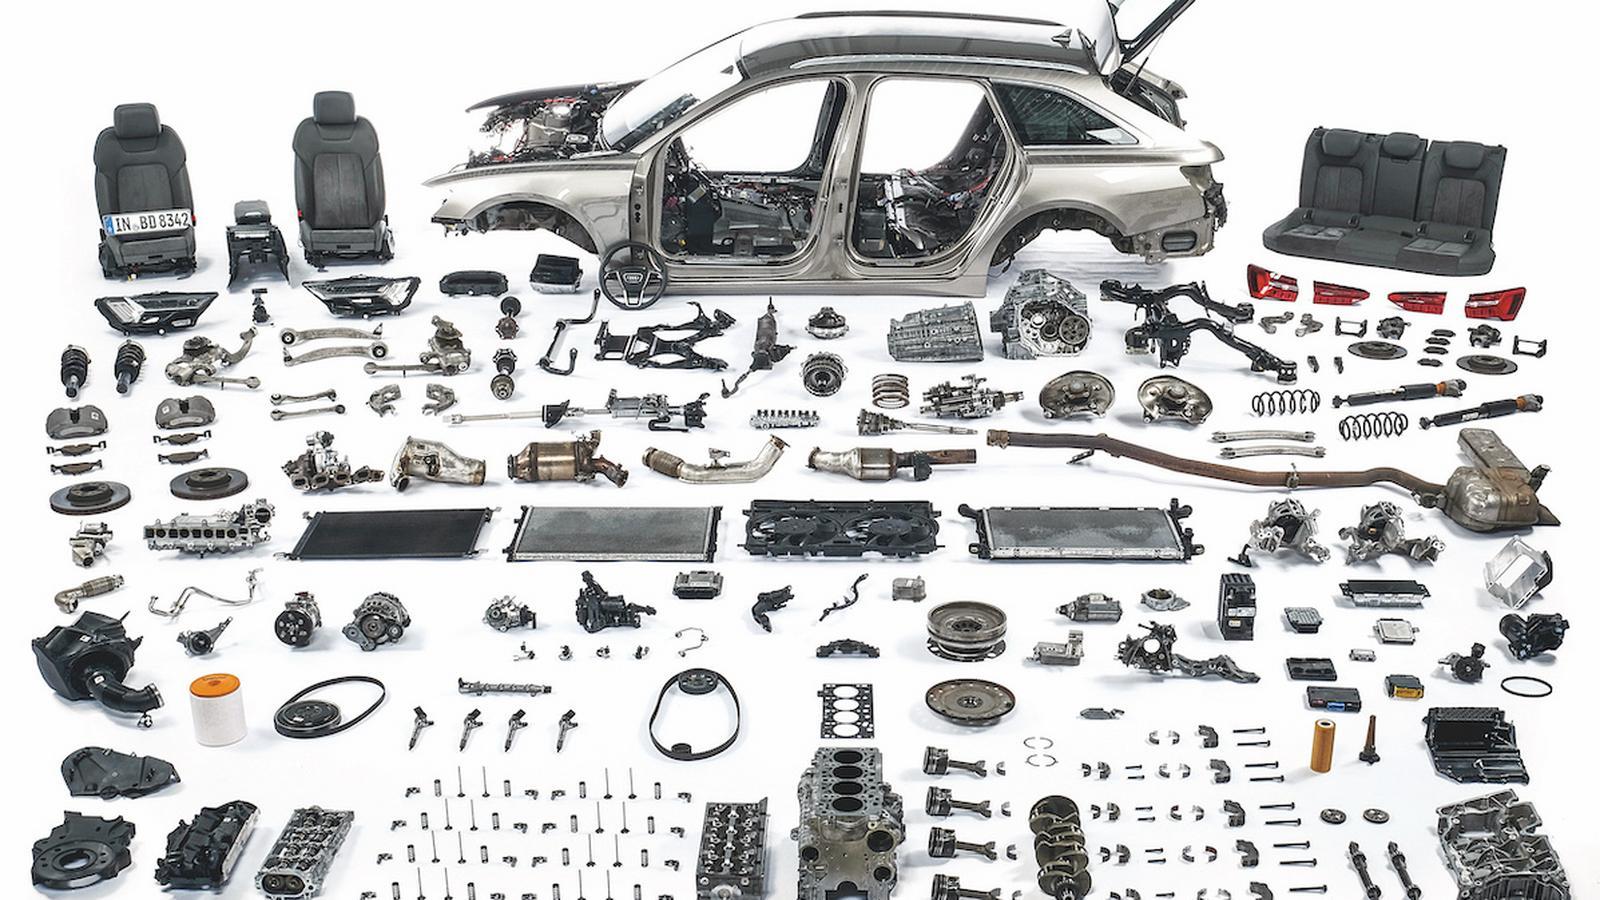 Ponad 100 tys. km Audi A6 Avant 40 TDI –intrygujeczy irytuje?